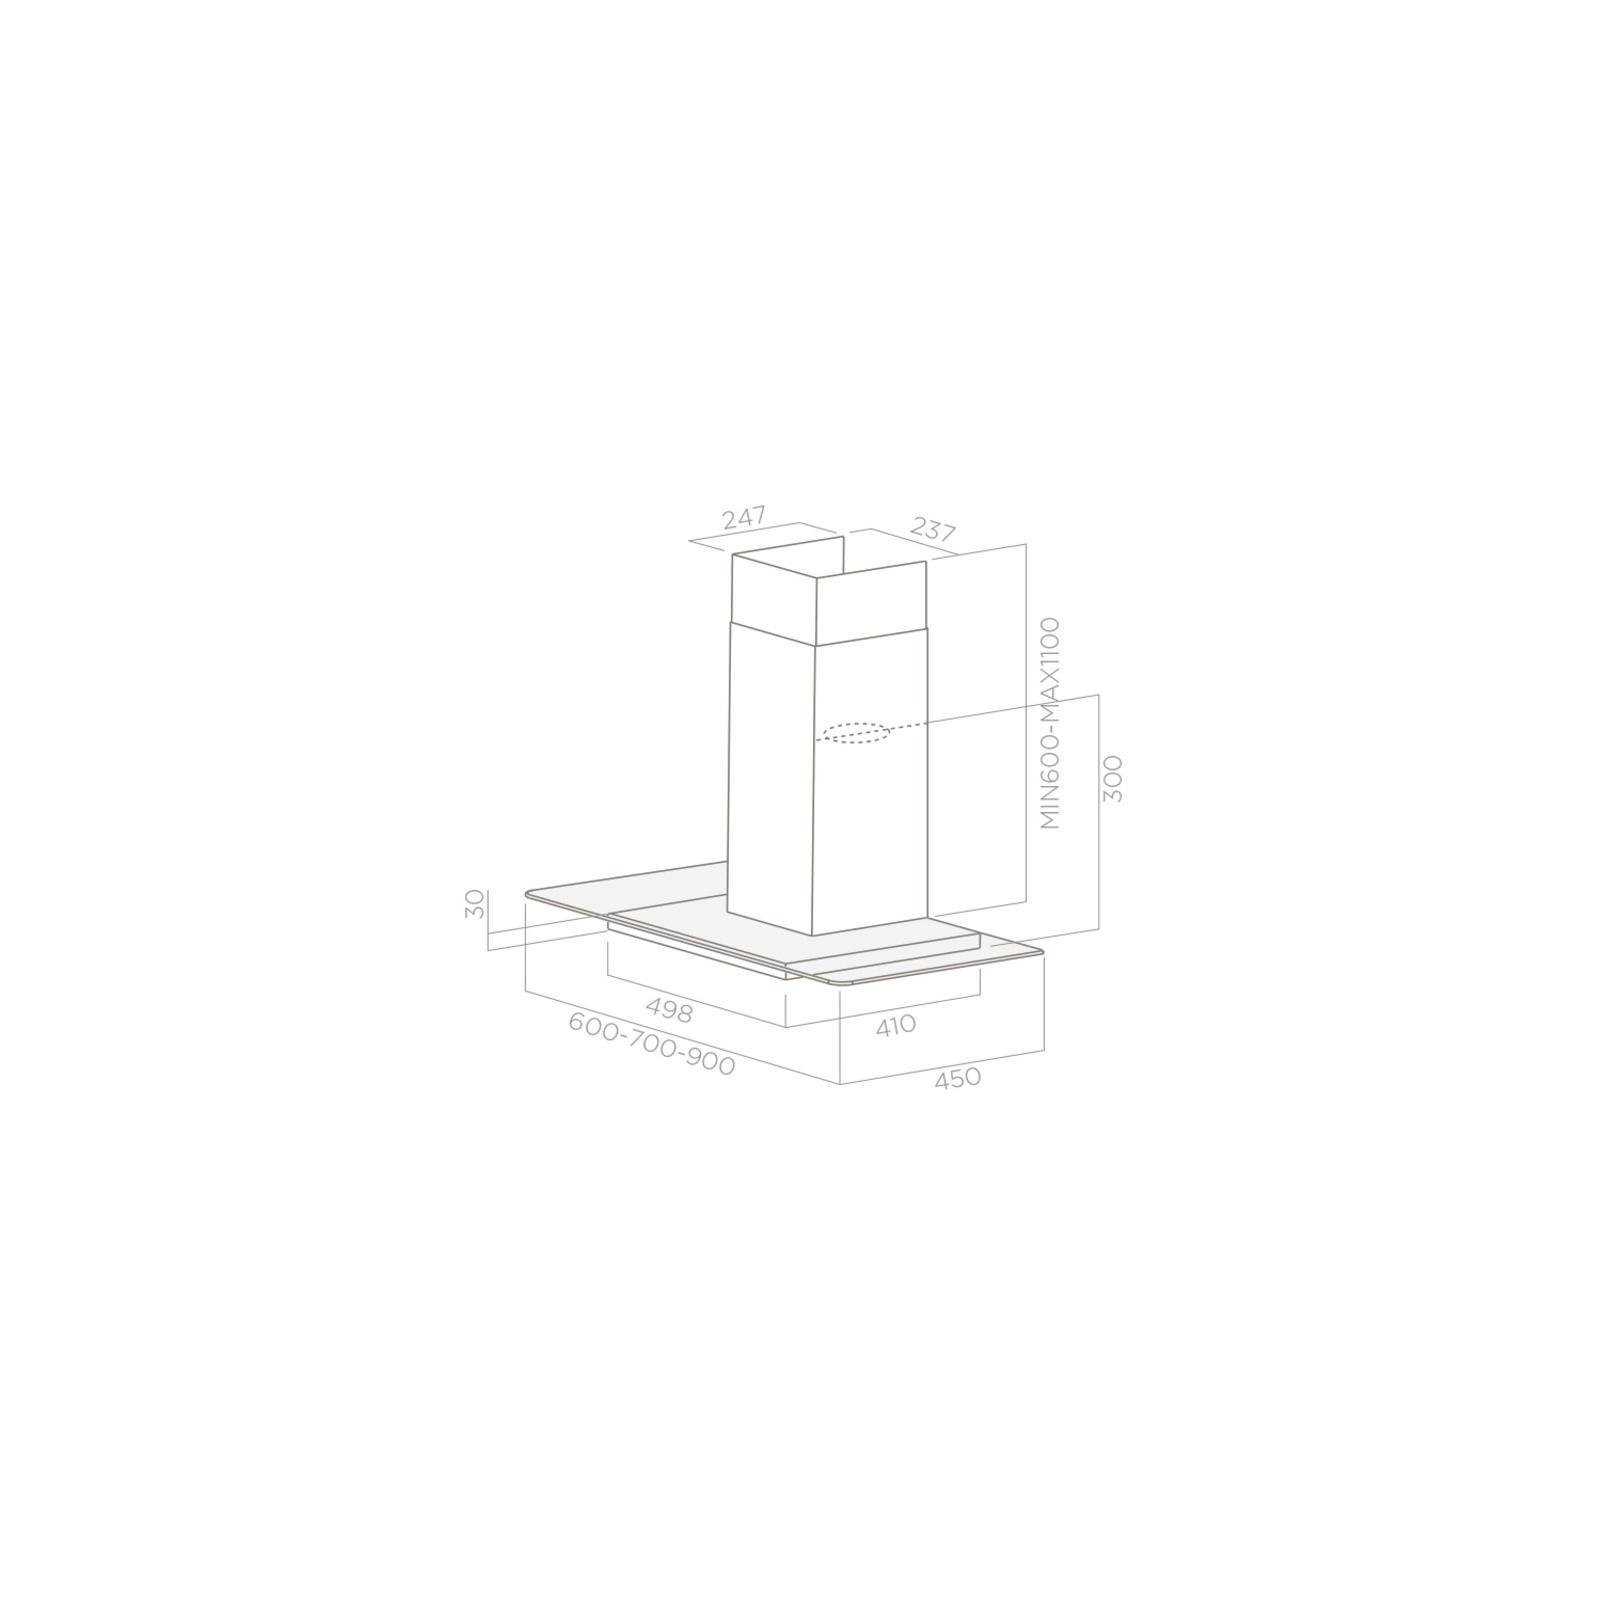 Вытяжка кухонная Elica FLAT GLASS PLUS IX/A/60 изображение 2